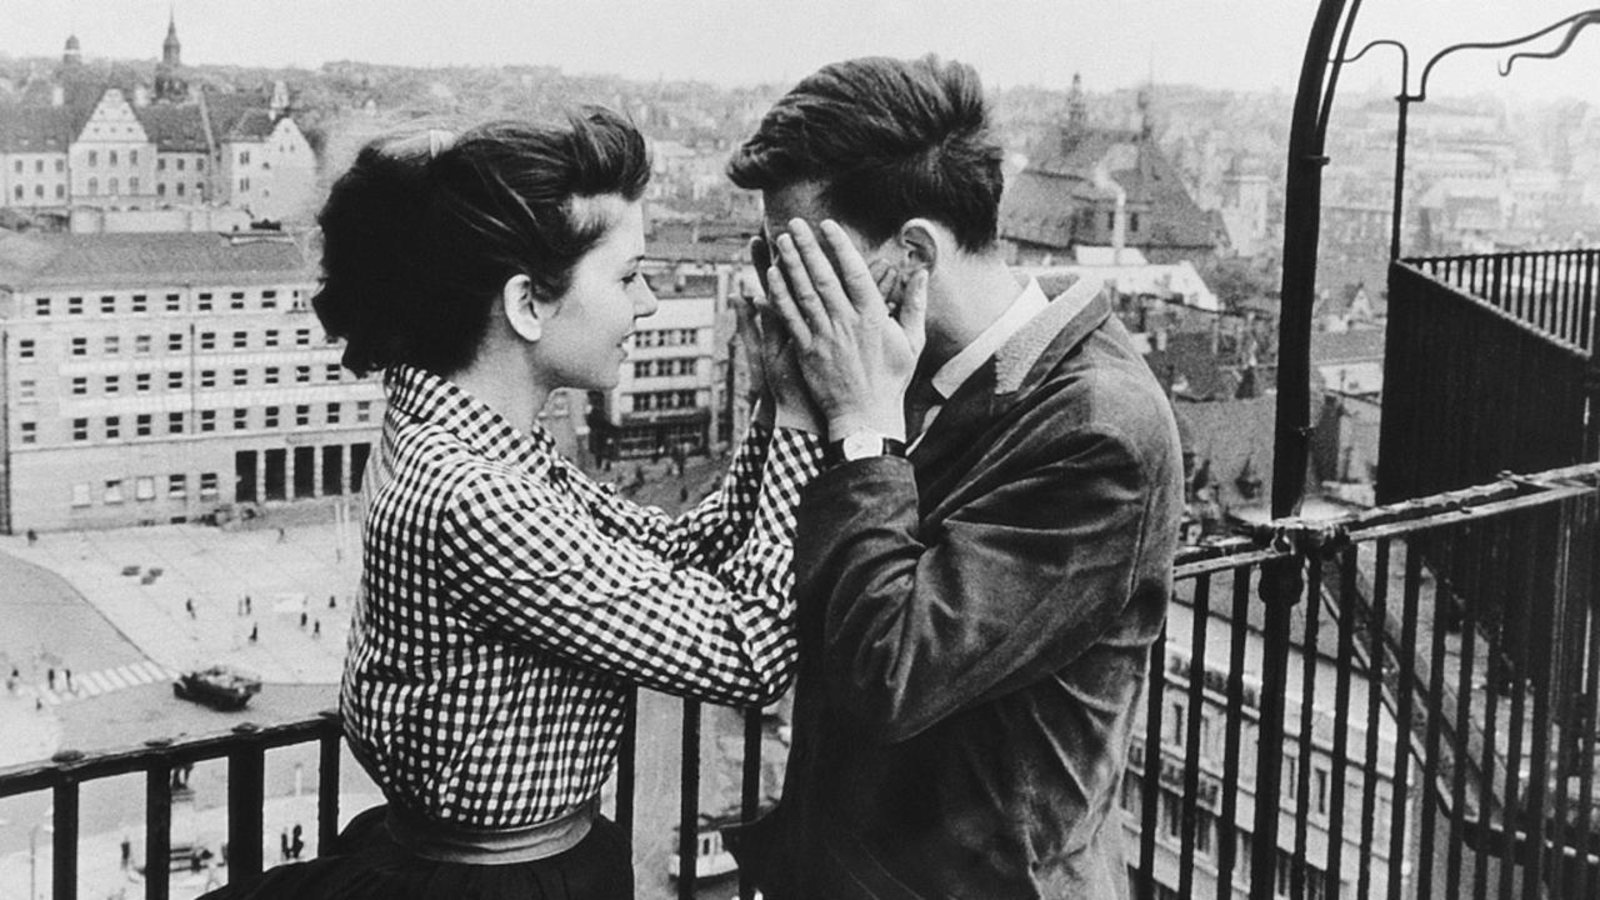 Der geteilte Himmel (1964)